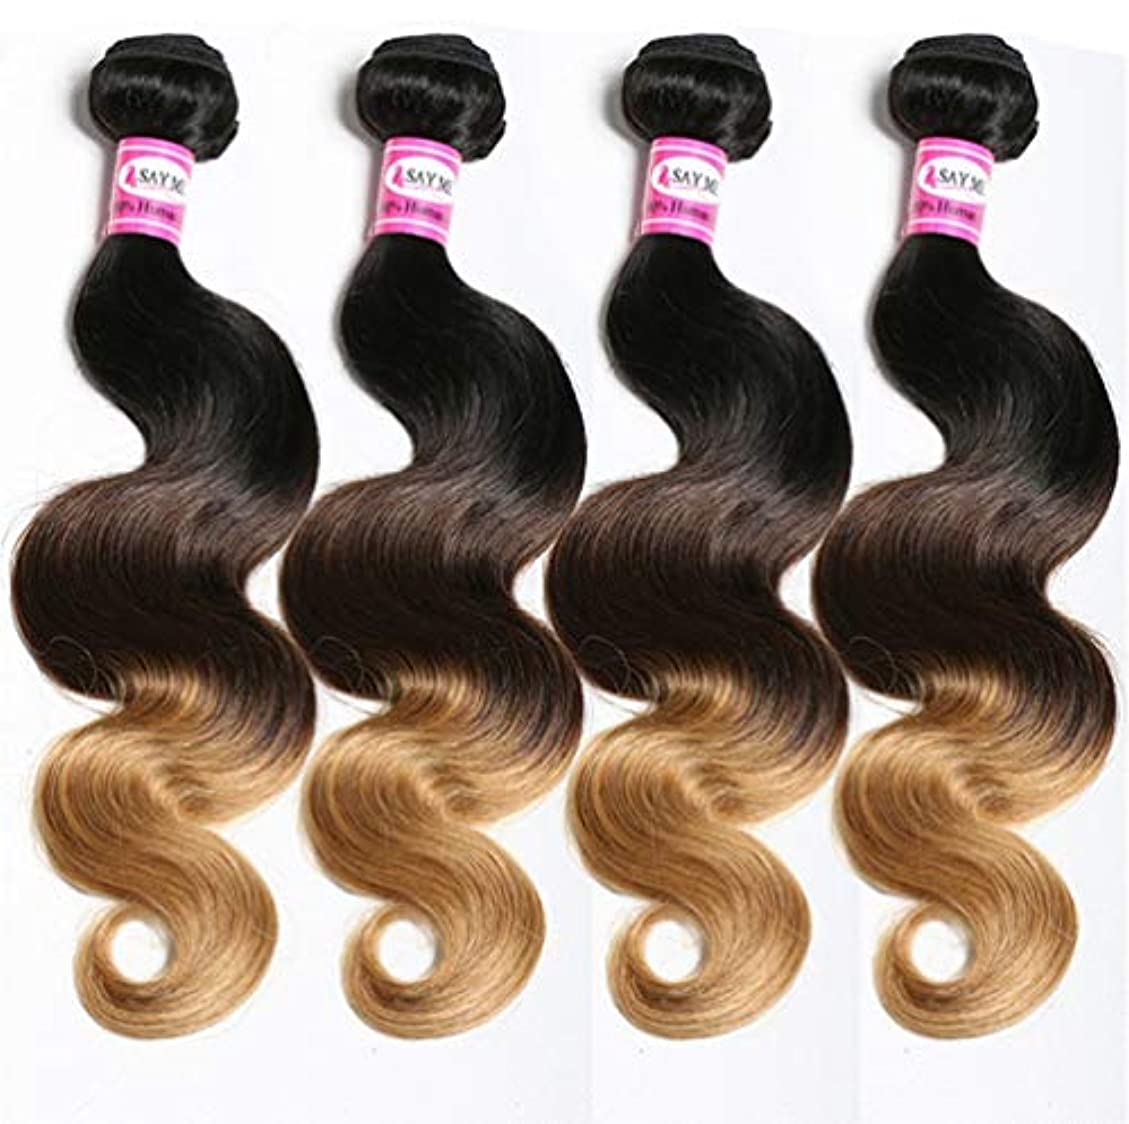 カバー適用するシリーズ女性ブラジルバージンヘアボディウェーブオンブルバンドルボディウェーブ人間の髪の毛バンドル(3バンドル)